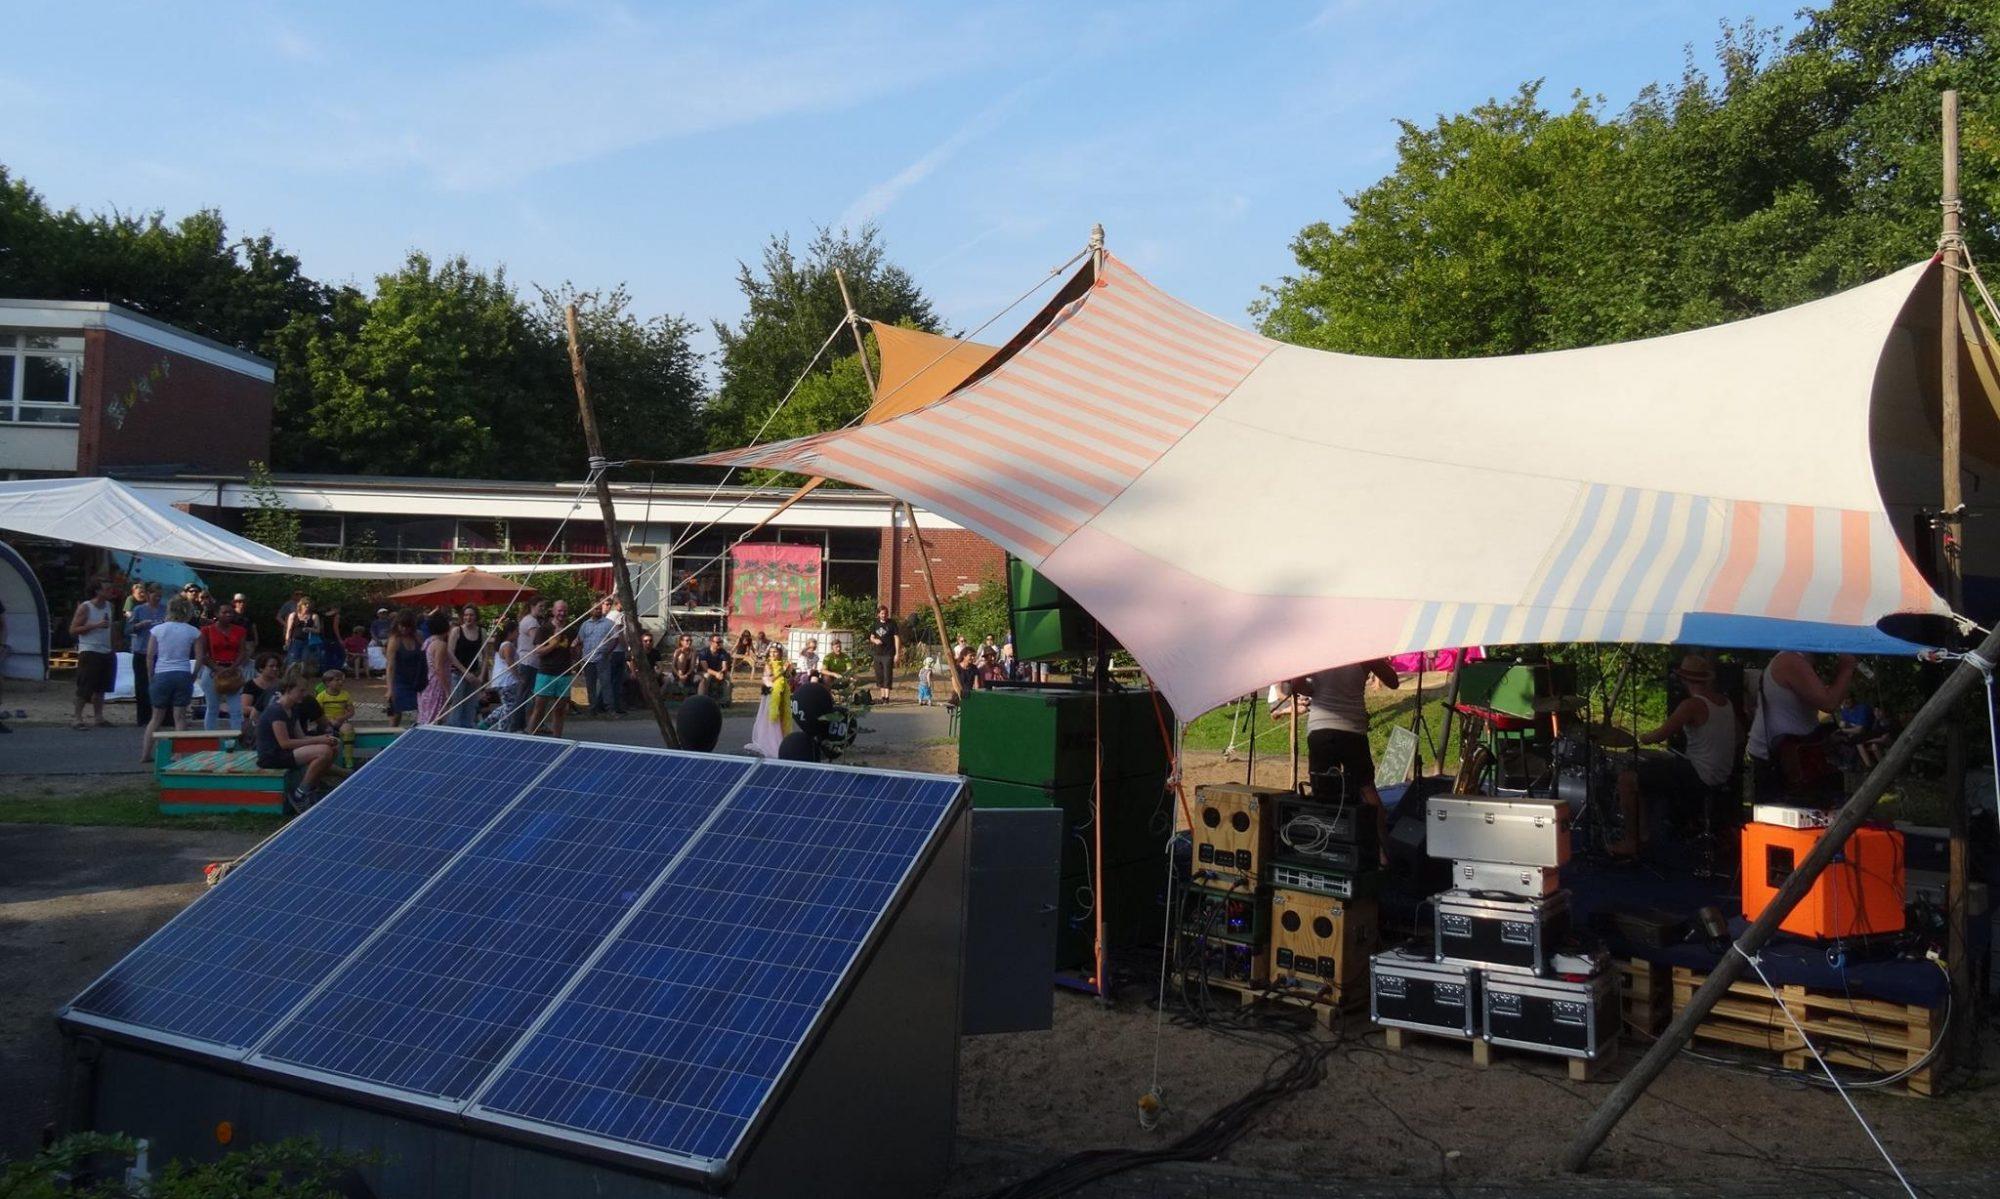 SWAMP Festival